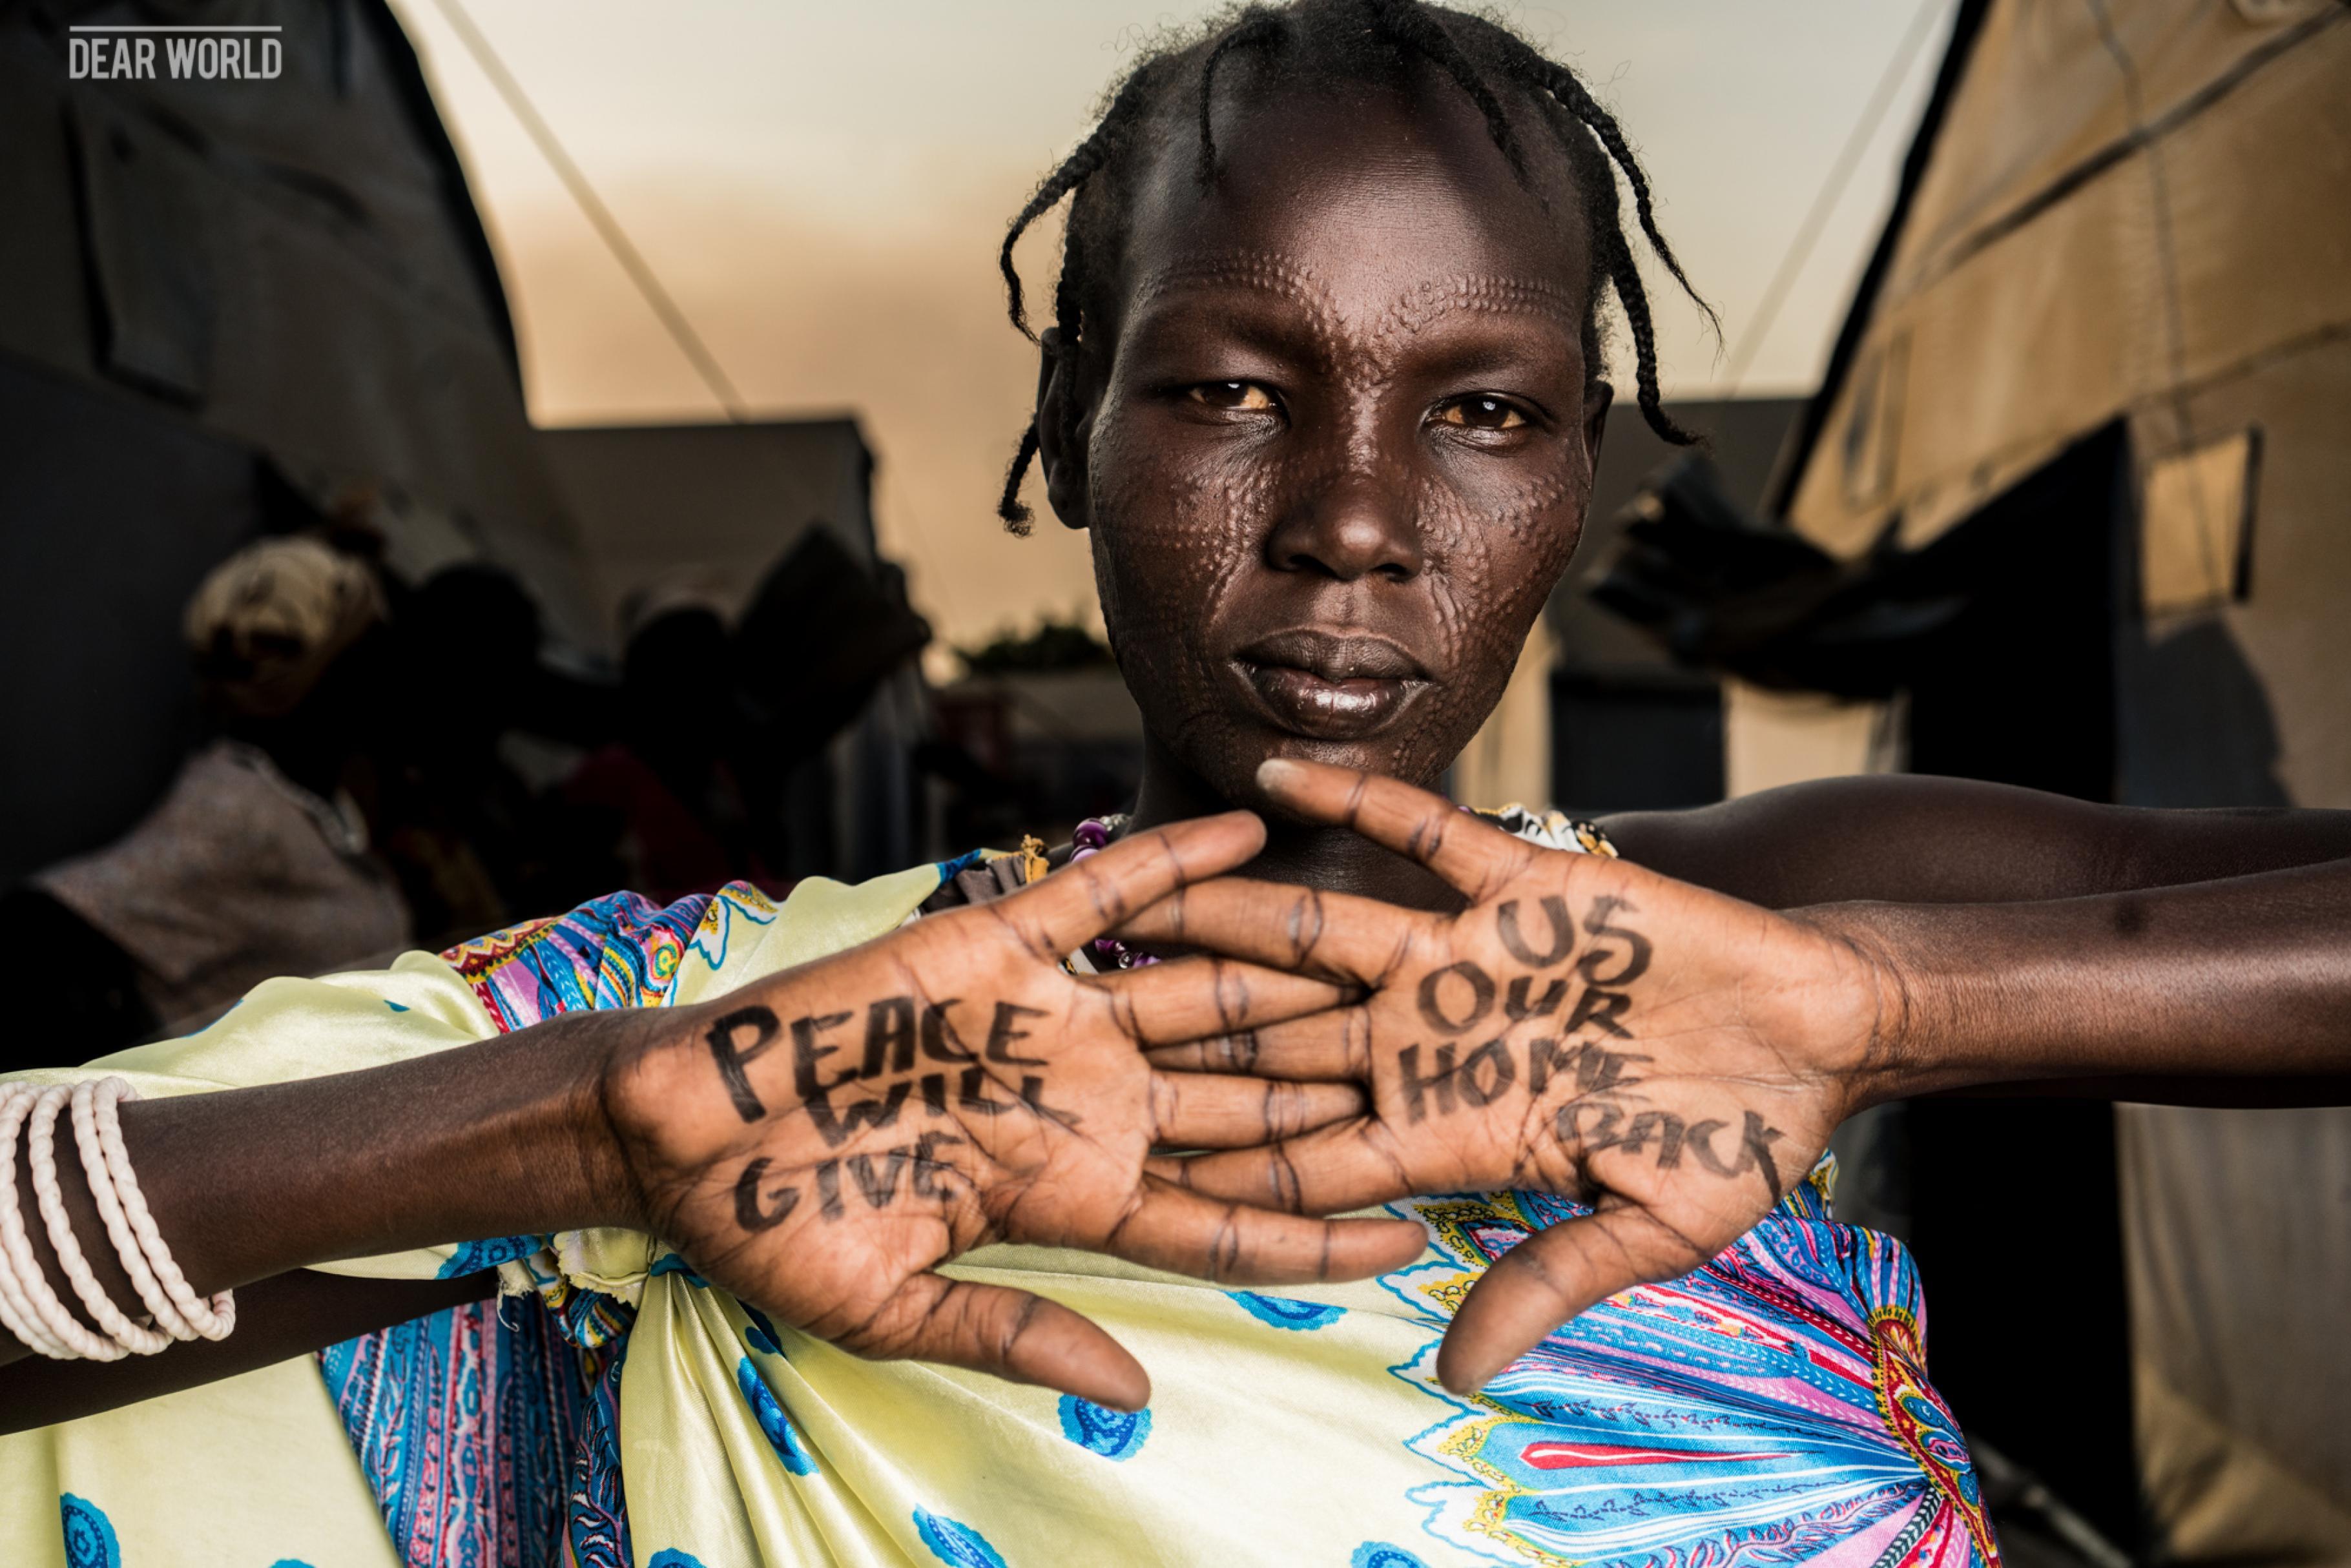 Eine Frau hält ihre Handinnenflächen in die Kamera. Auf den Handflächen ist zu lesen Peace will give us our home back (Mary Moses)